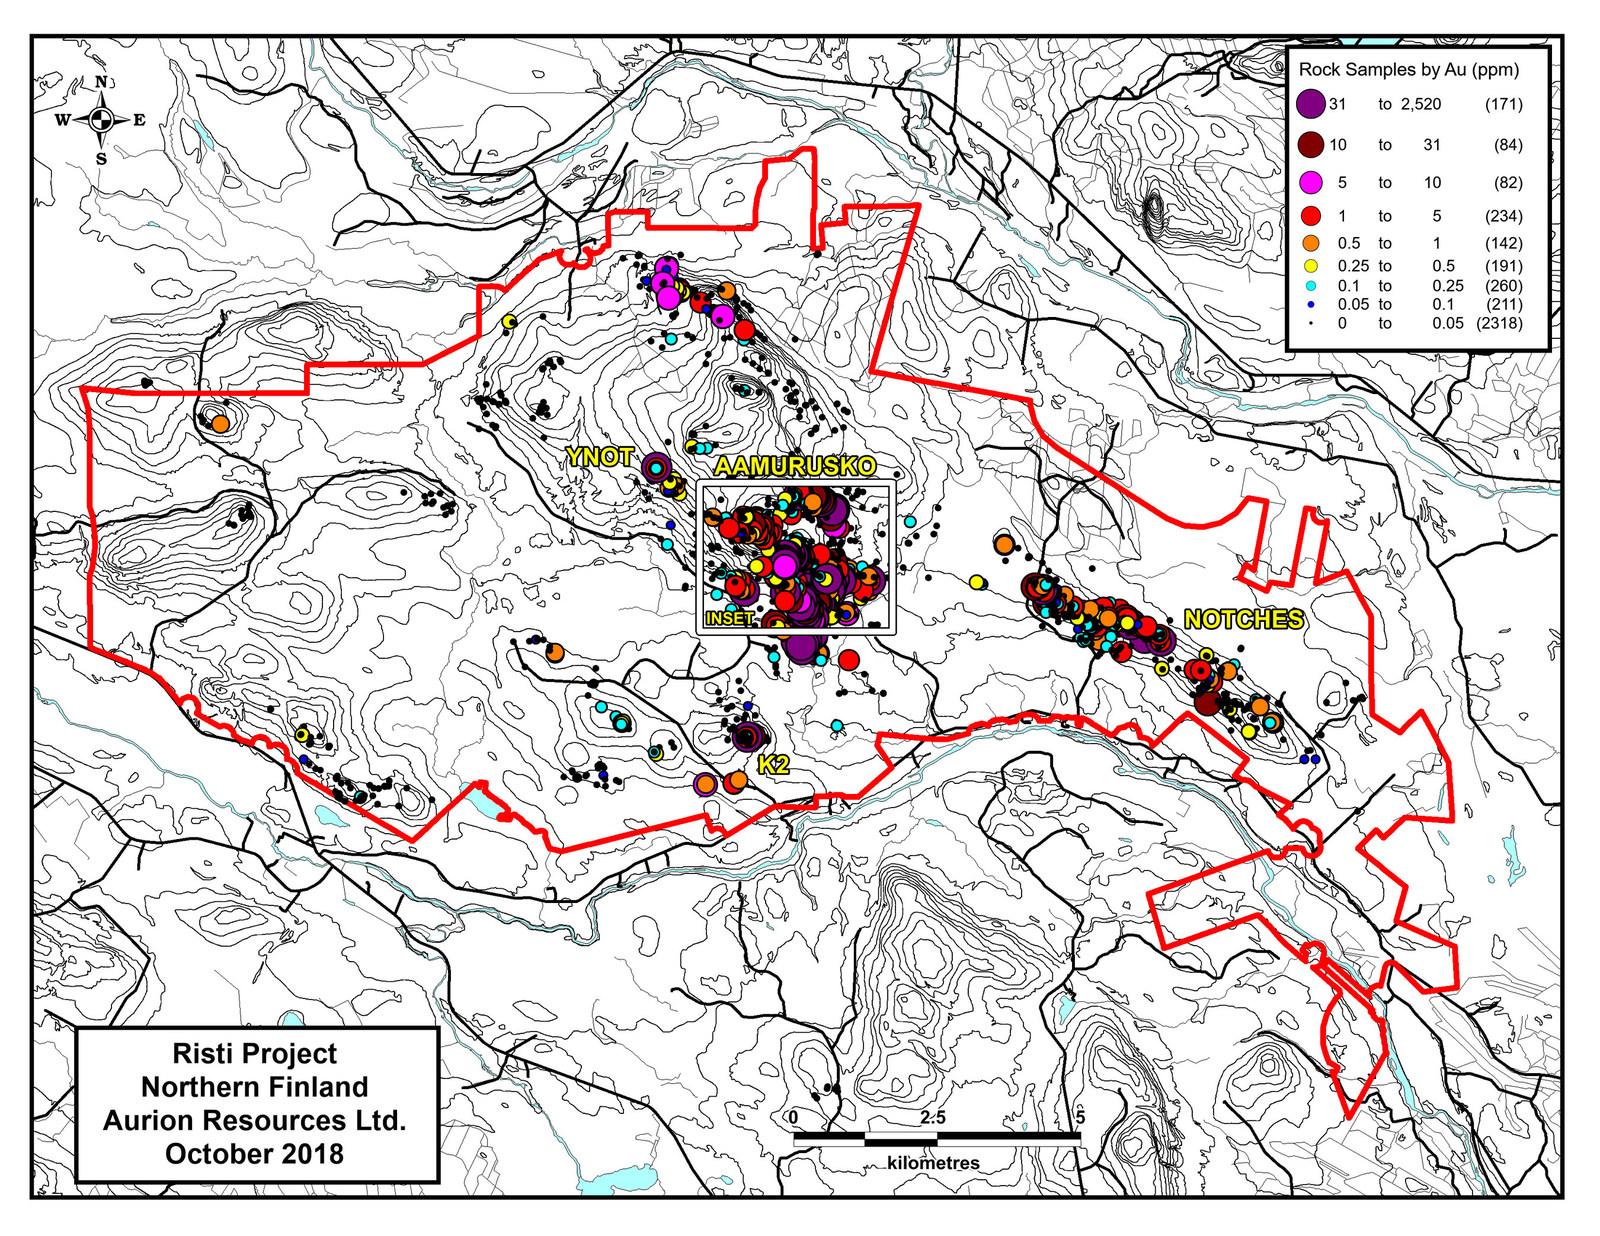 Figure 1 Risti Project Plan